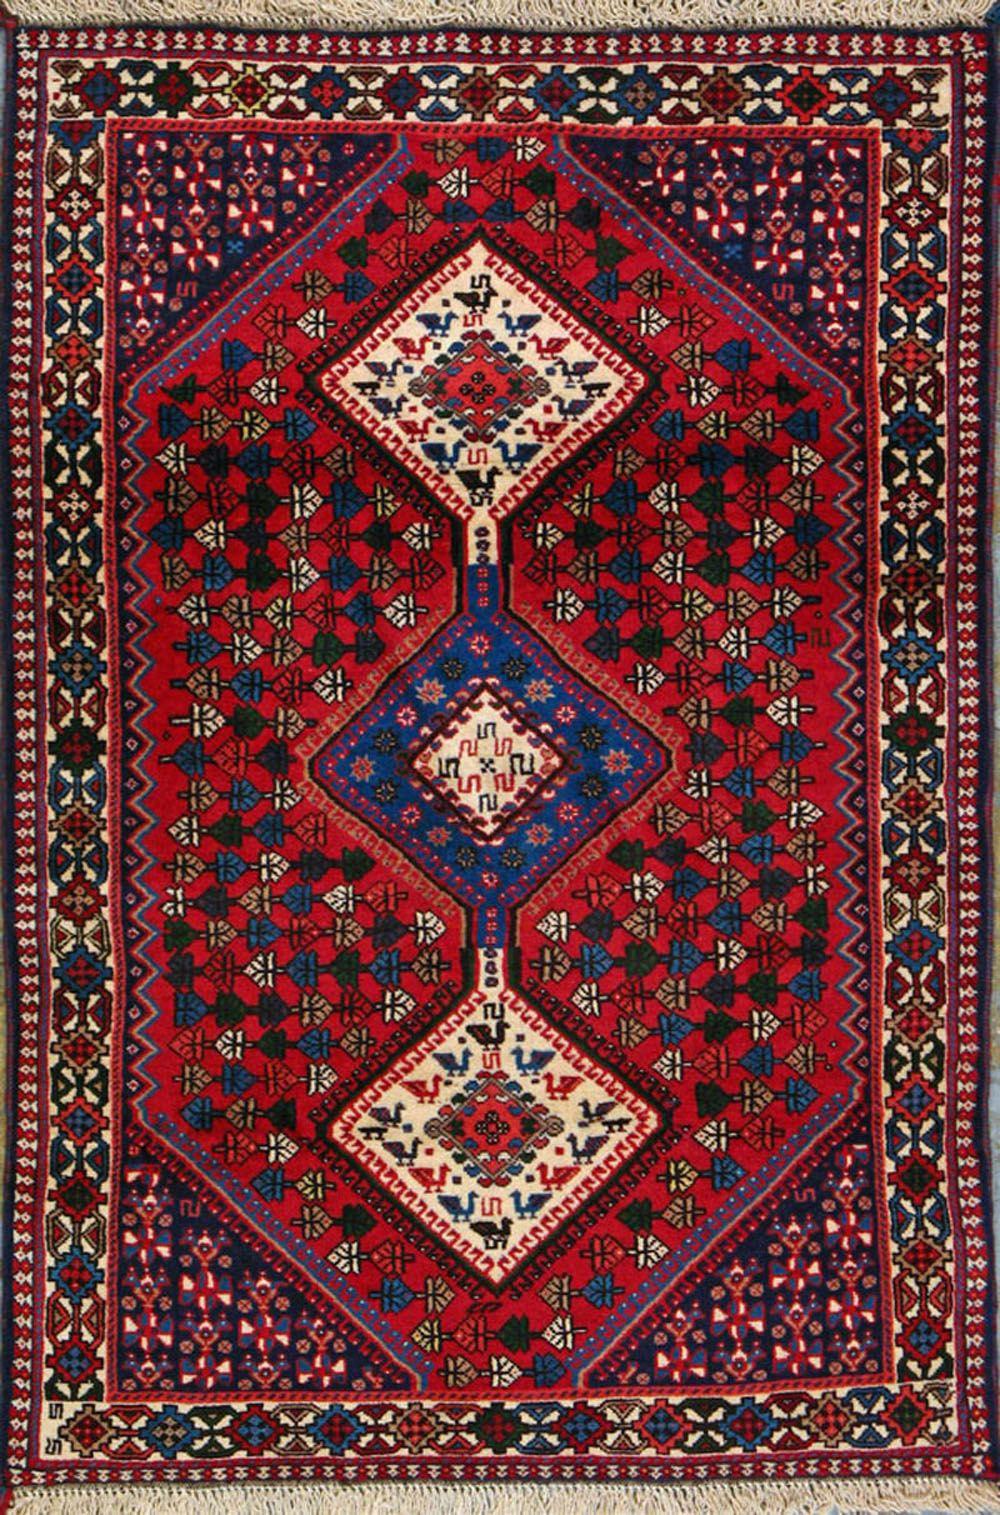 Buy yalameh persian rug 3 4 x 4 11 authentic yalameh handmade rug